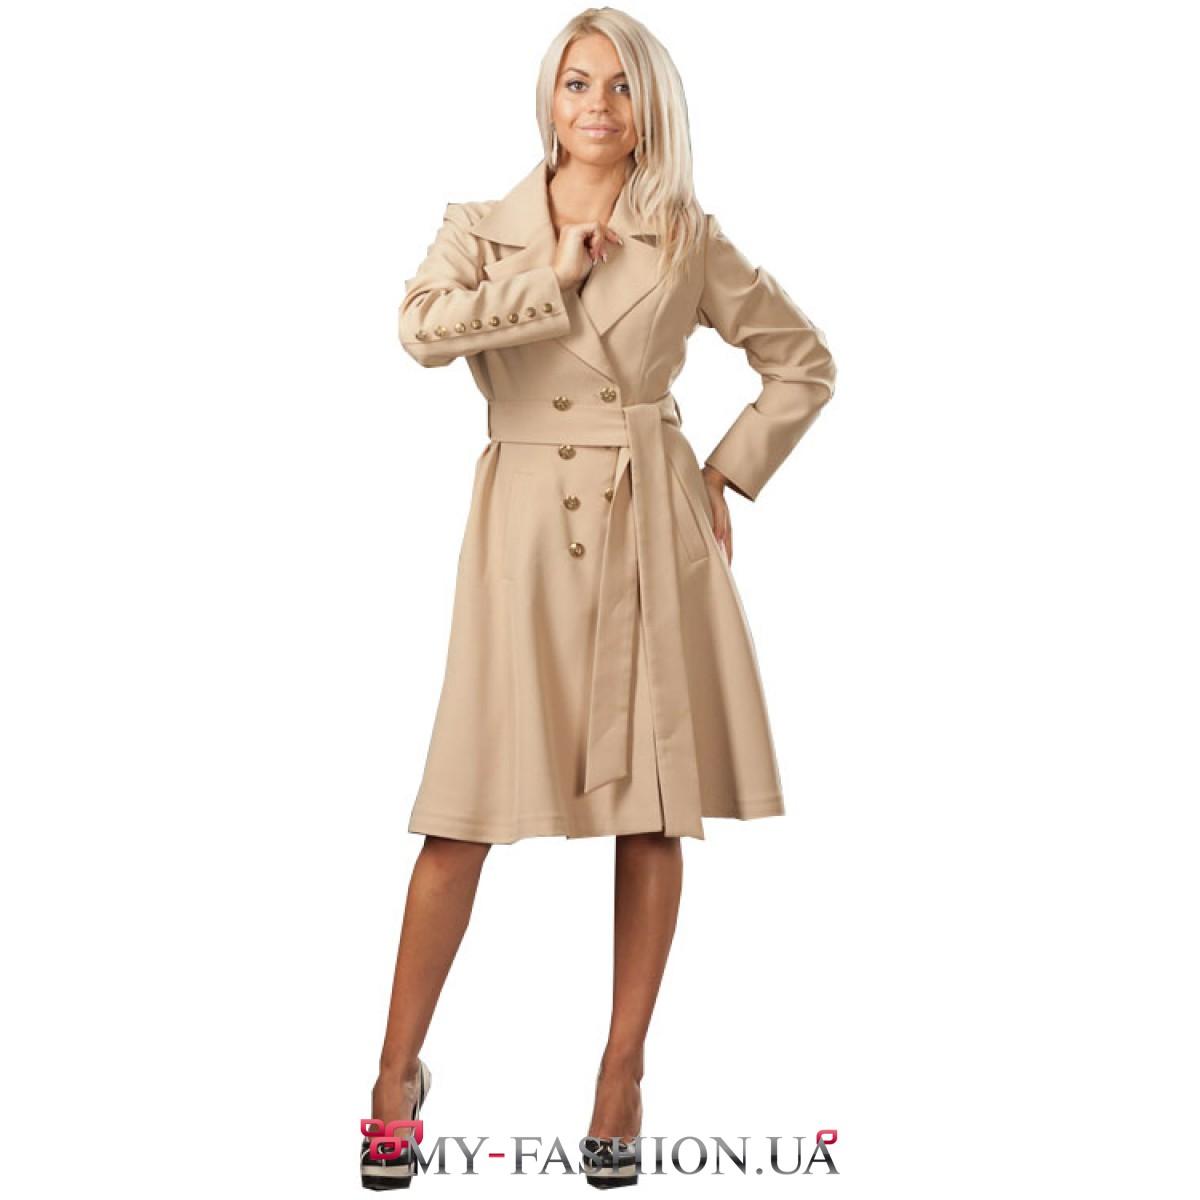 Модно женская одежда доставка